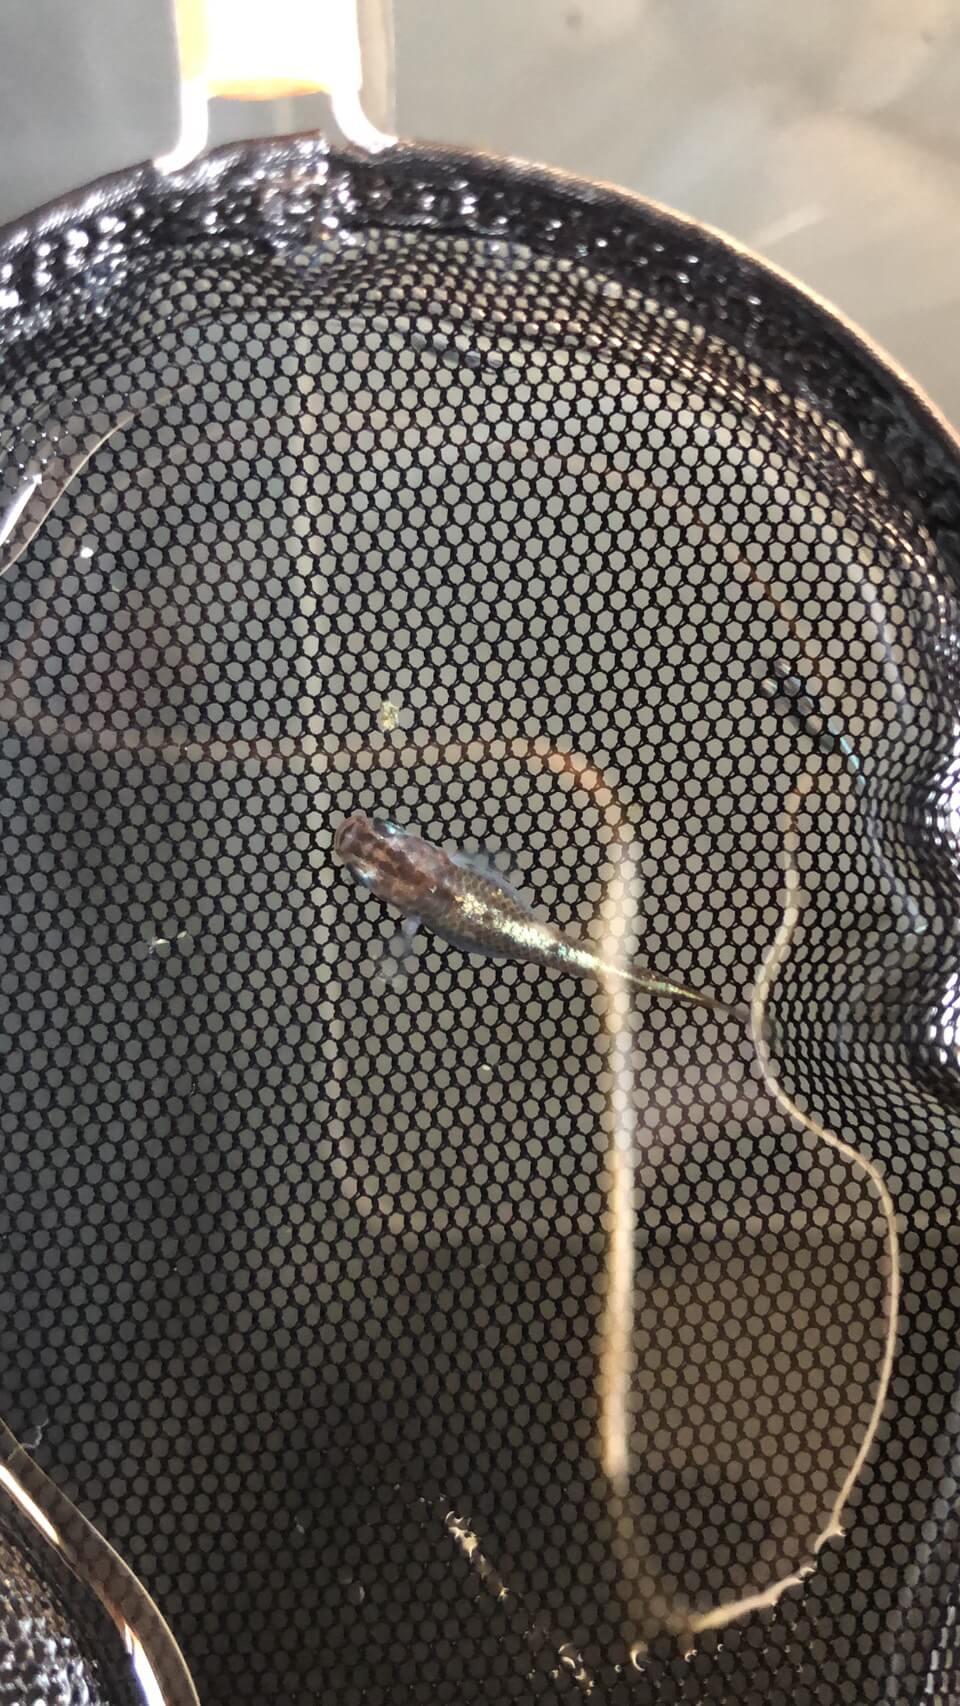 ブロンズを加温して採卵した、メダカ